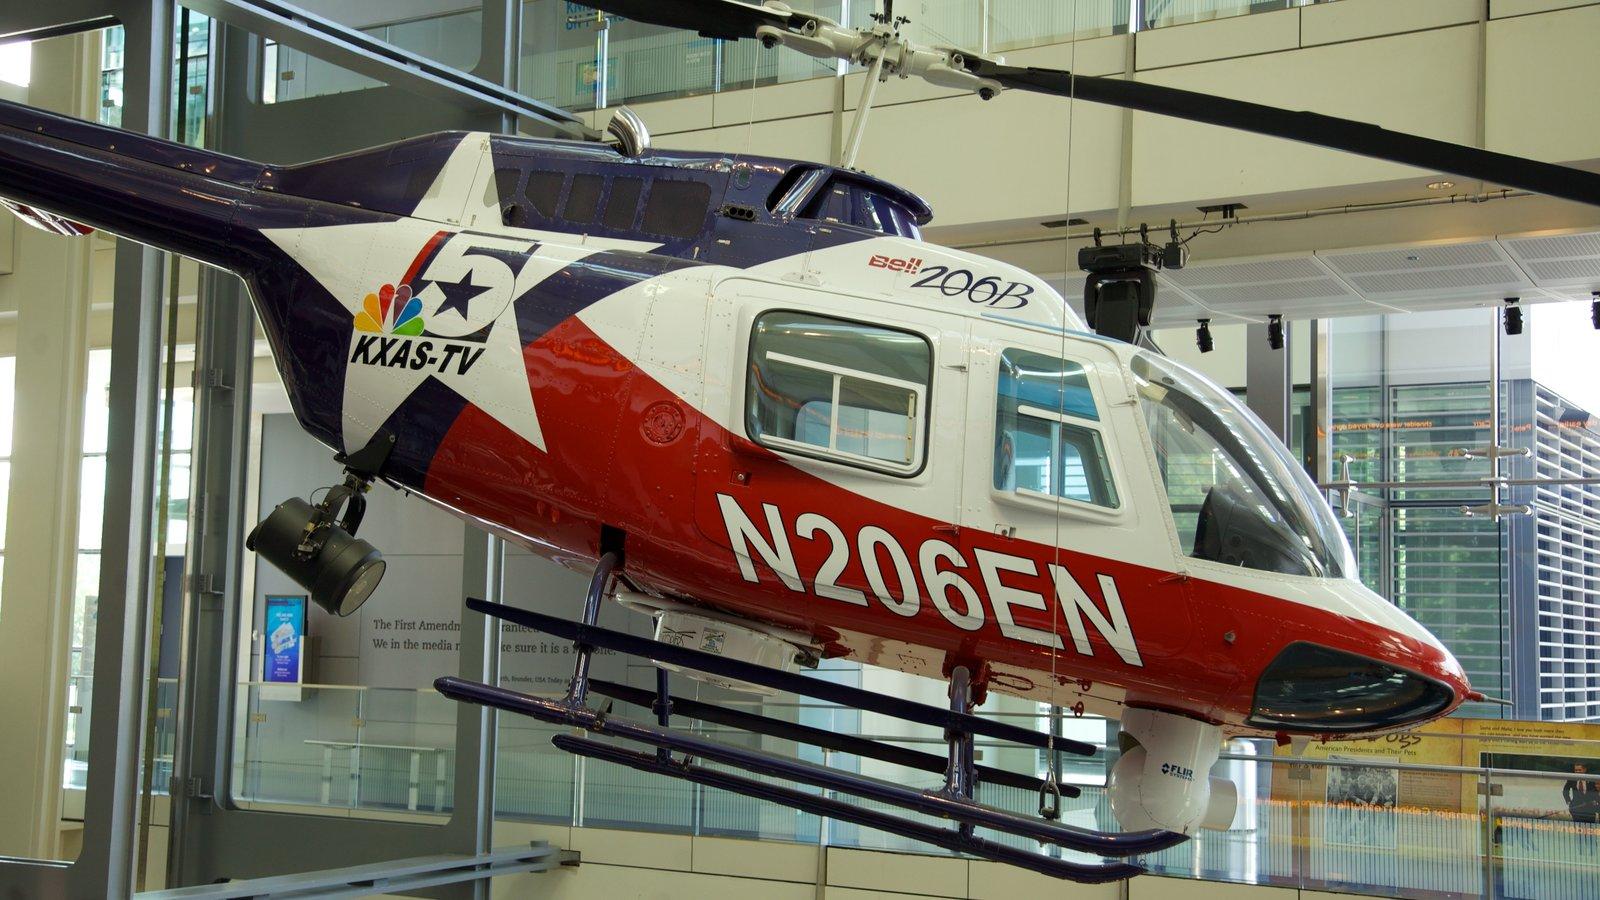 Newseum que inclui vistas internas e aeronave